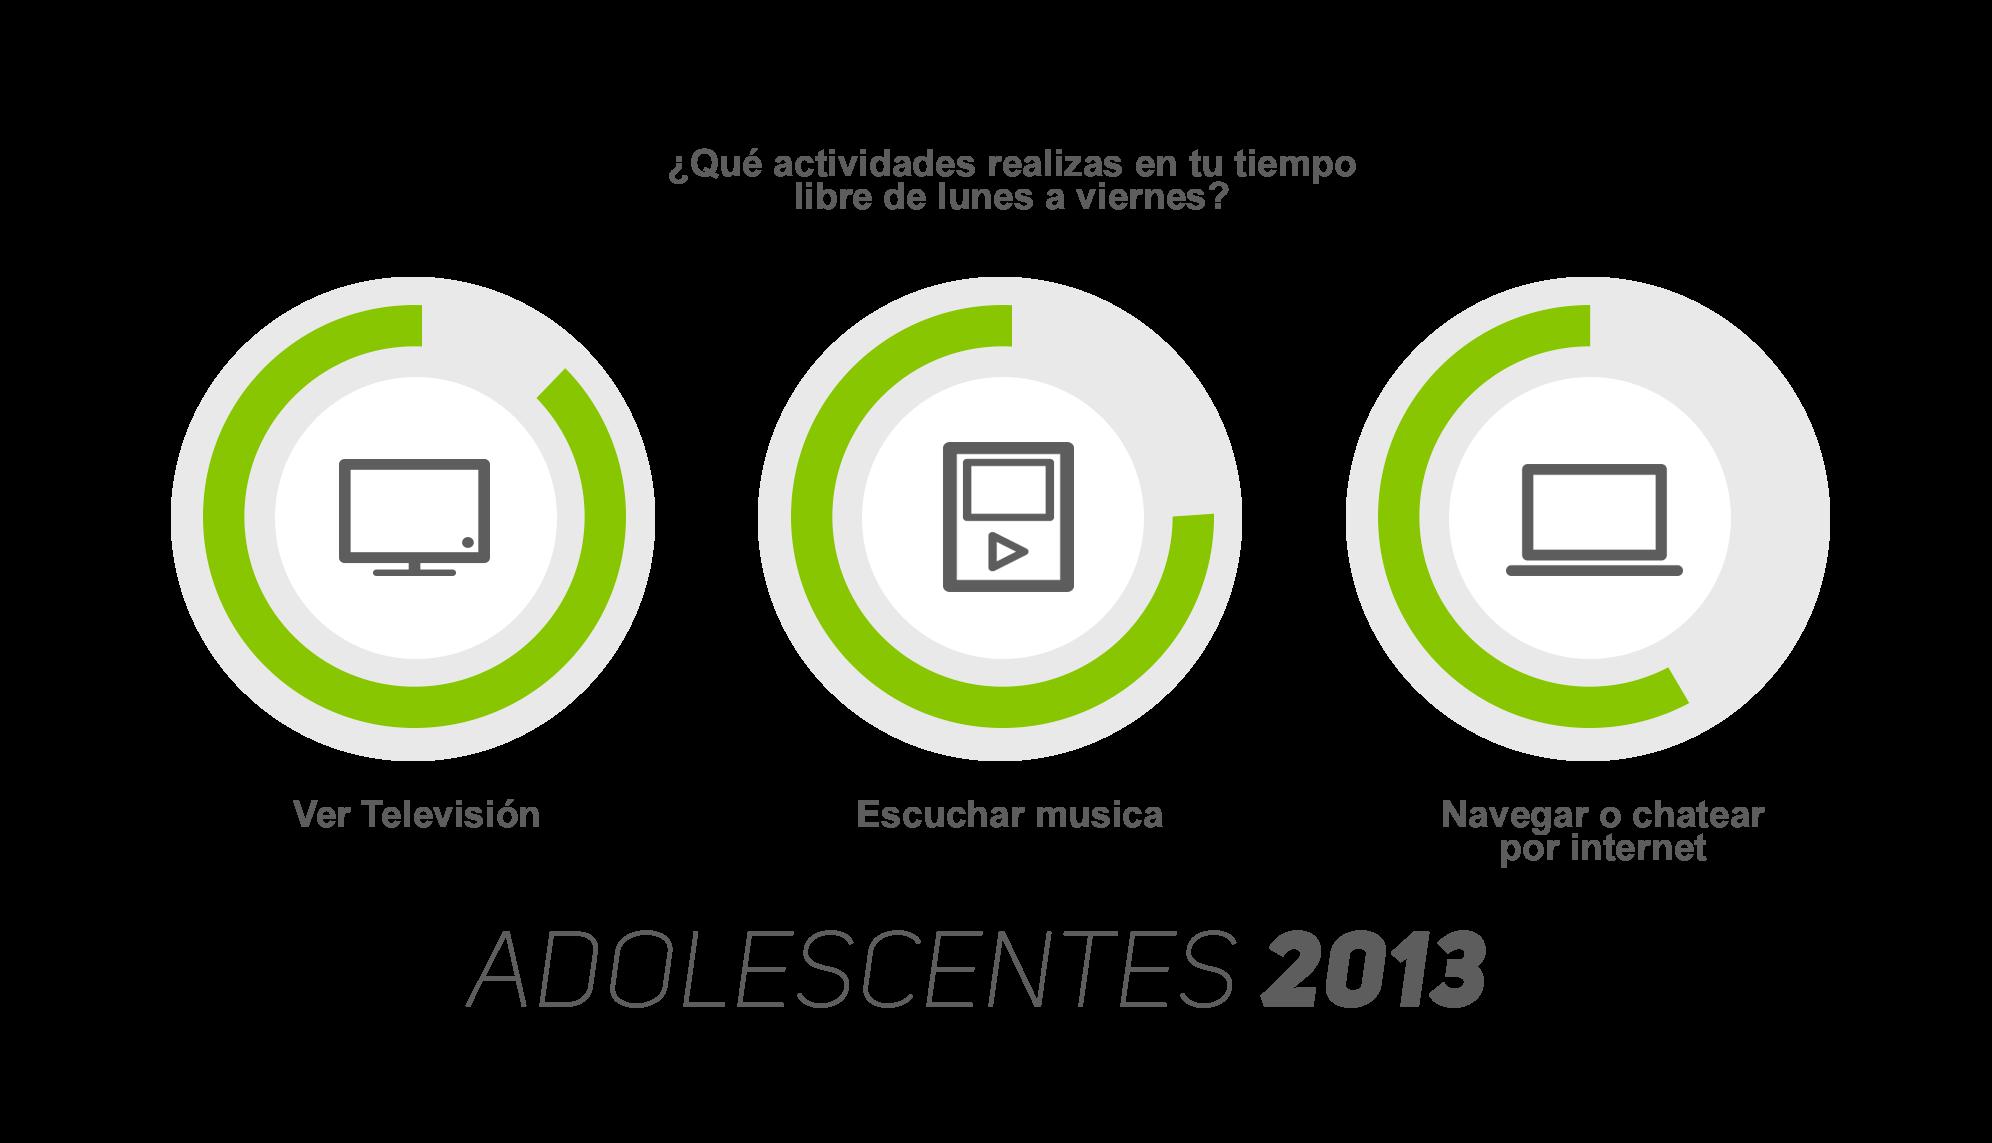 Adolescentes 2013